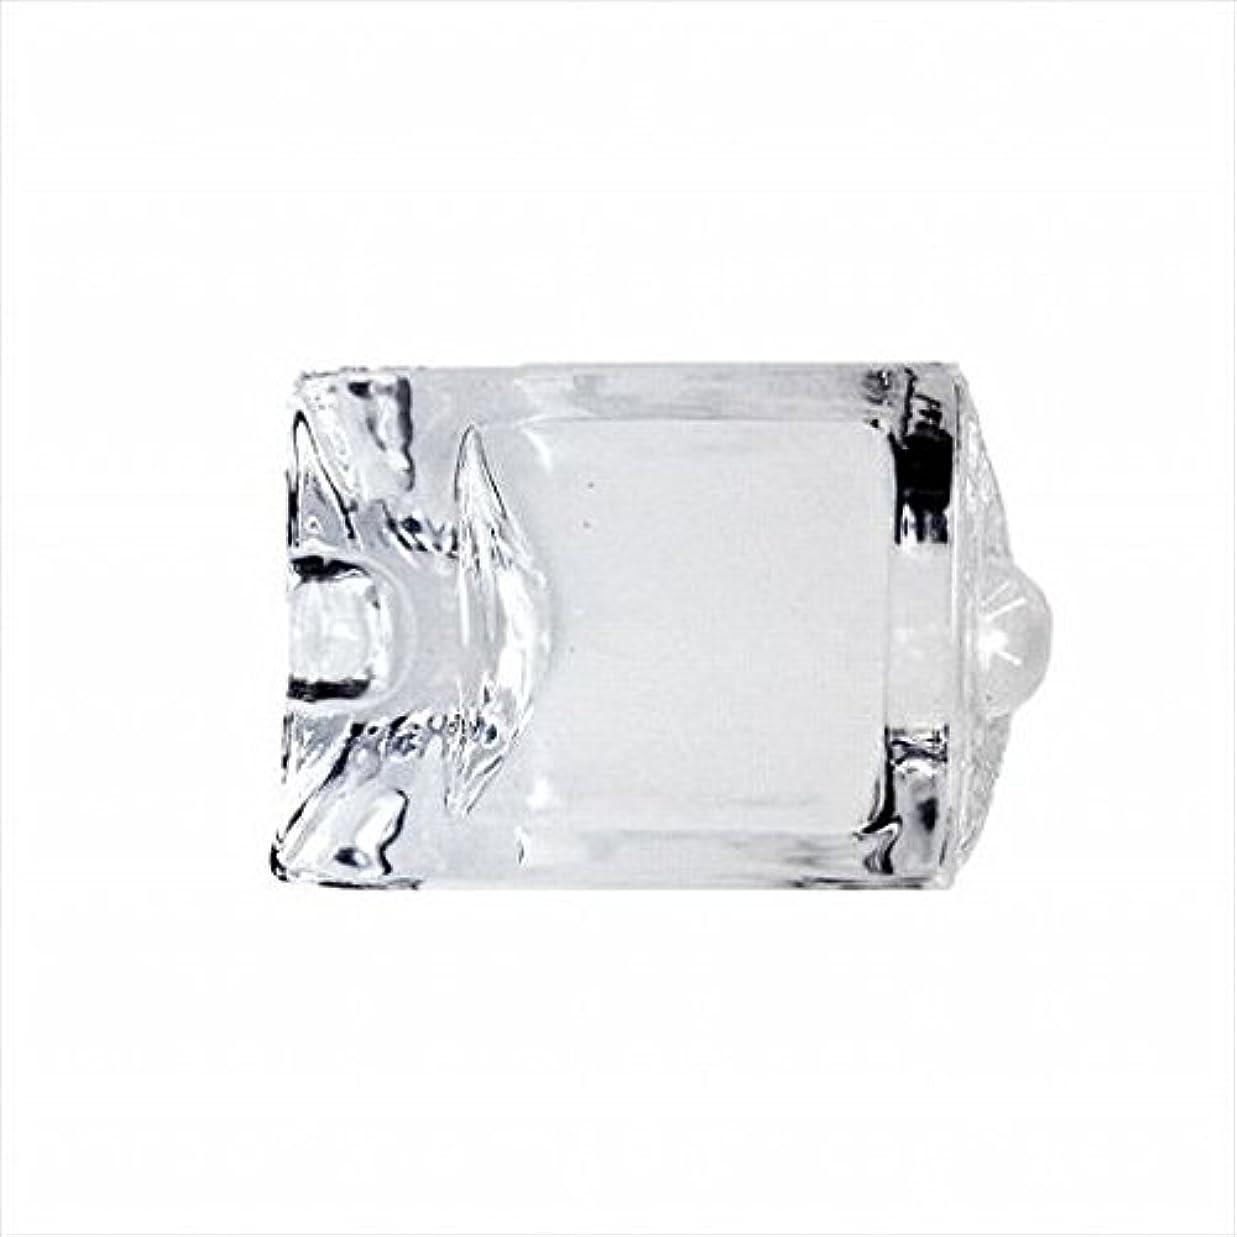 独裁予定消防士kameyama candle(カメヤマキャンドル) エンジェルアイジョイント 「 Cホワイト 」 キャンドル 47x28x67mm (I8000104W)